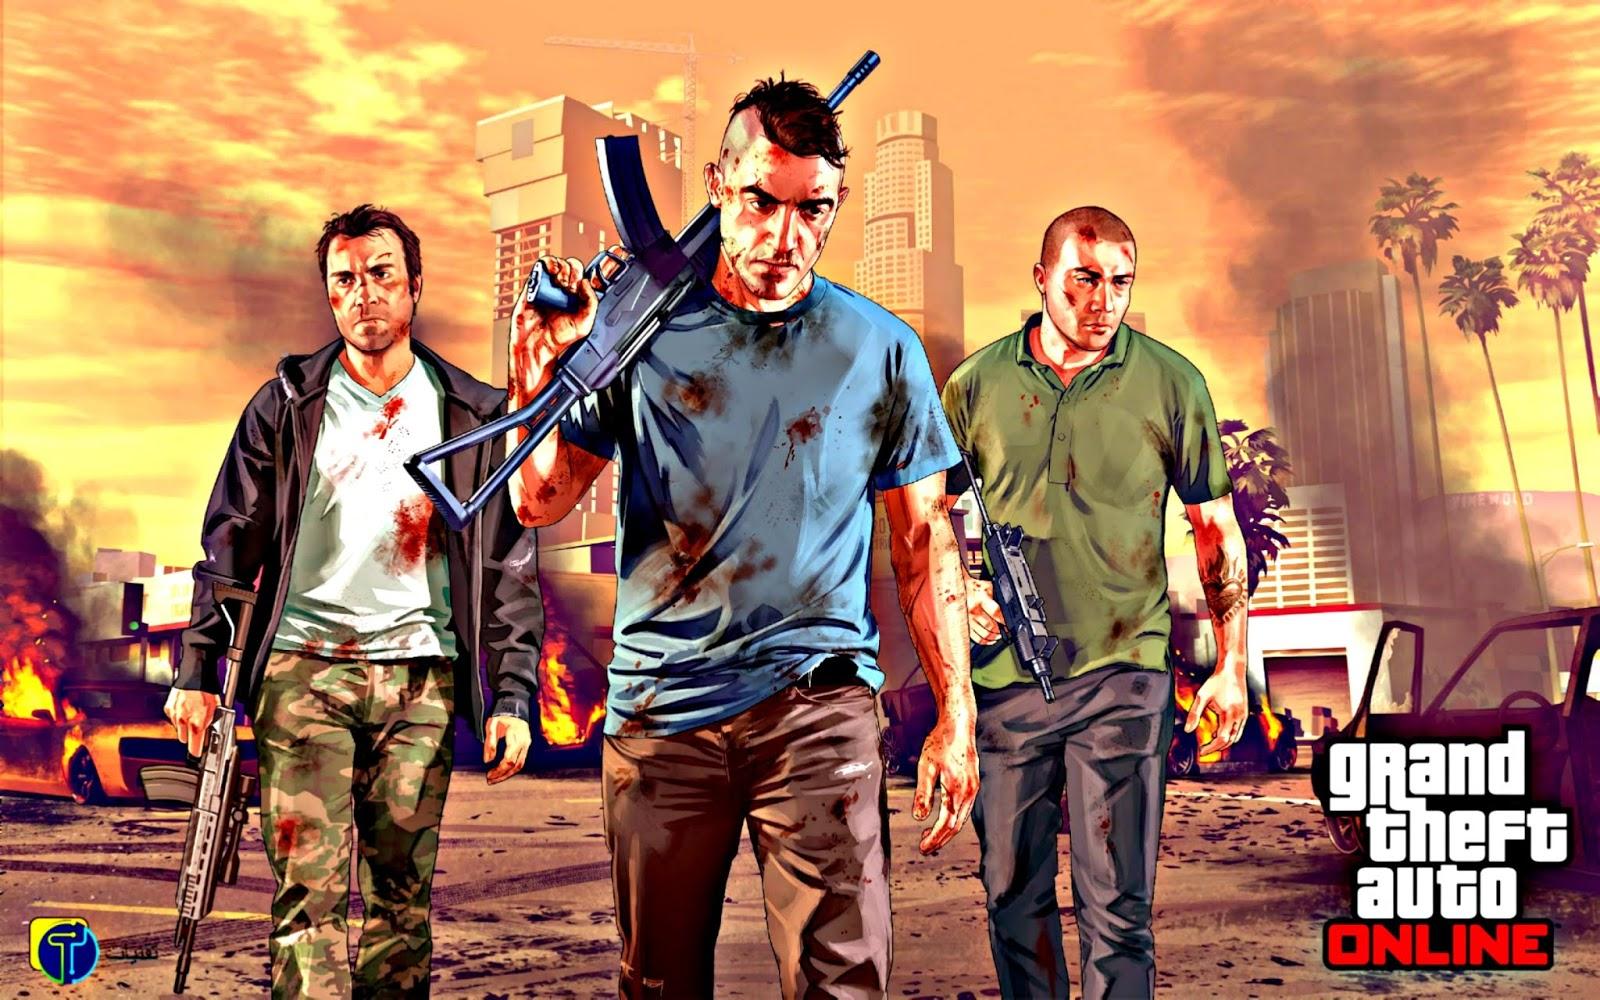 تحميل لعبة جاتا تحميل لعبة gta تنزيل جاتا تنزيل لعبة gta gta v تحميل Gta جتا v   تحميل لعبة GTA Vice City